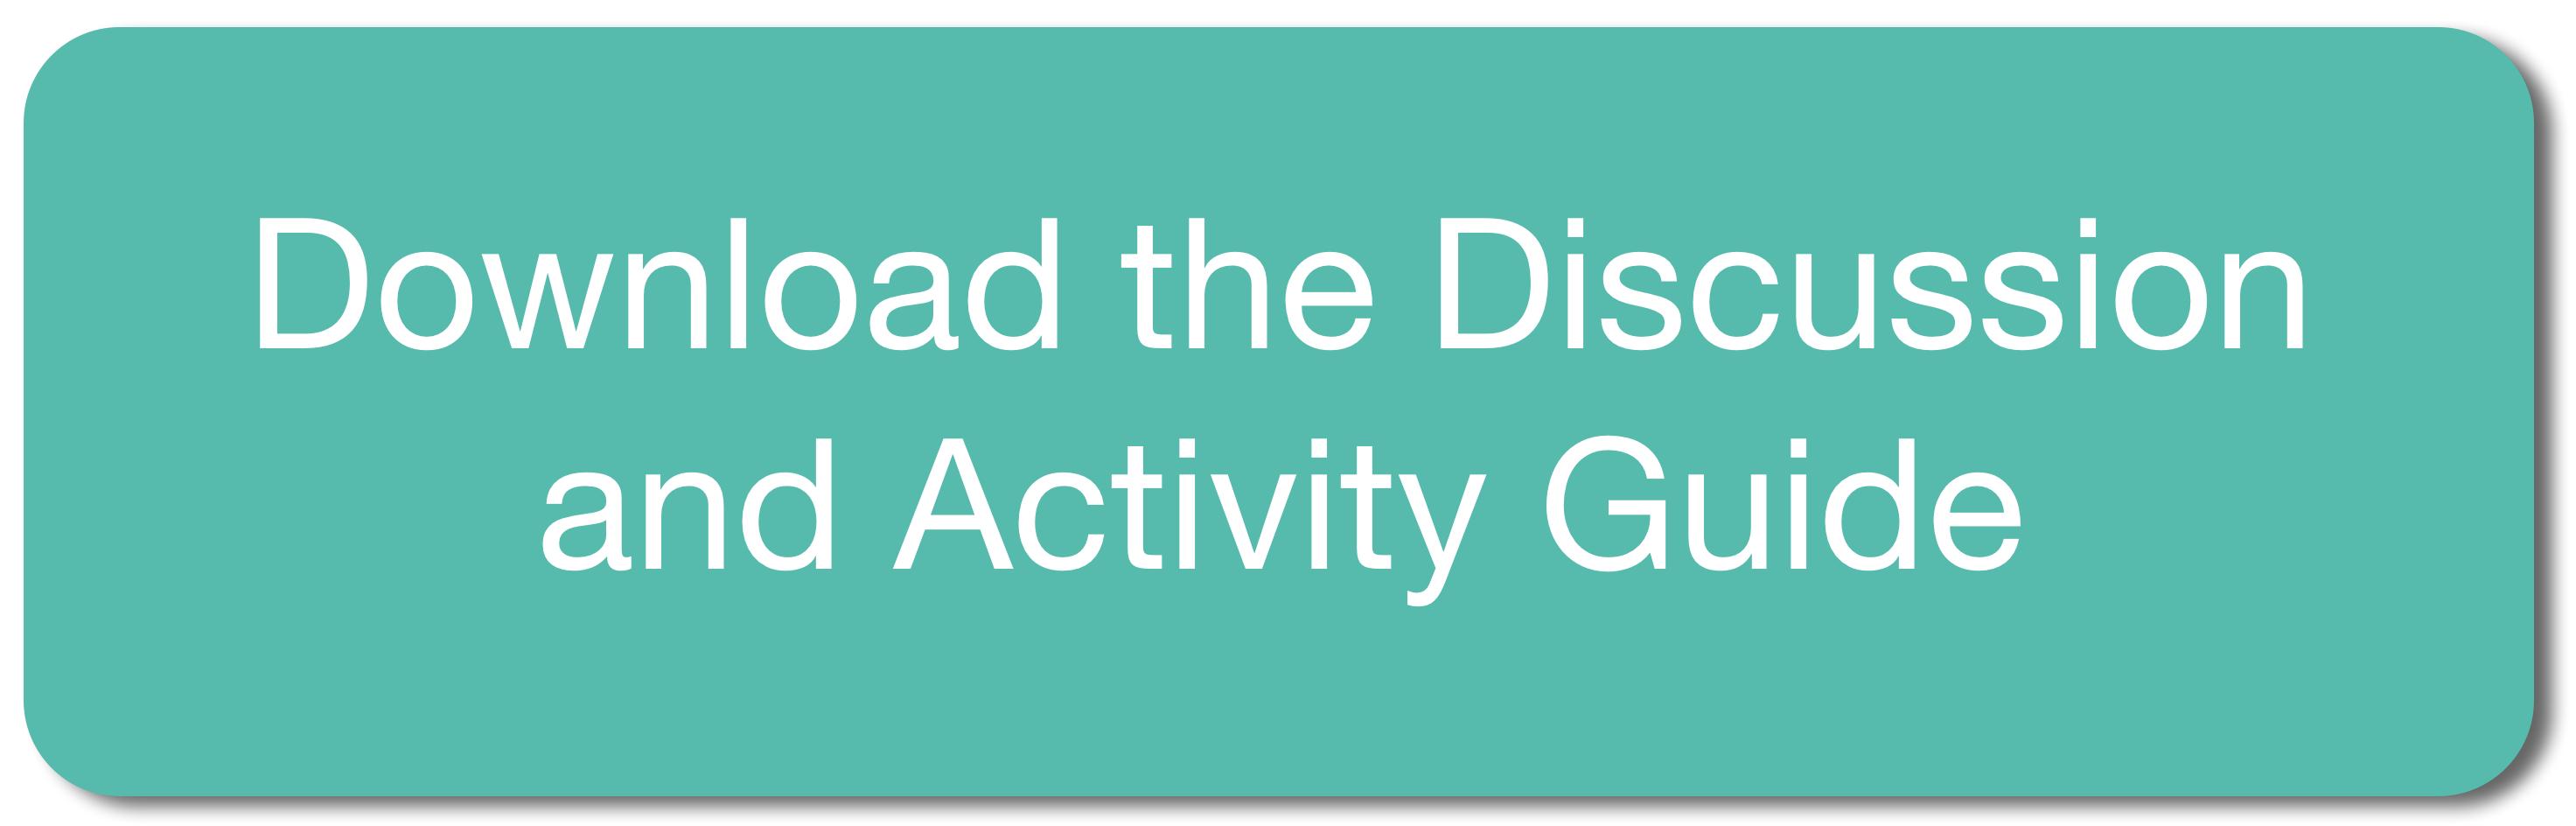 Discussion guide button